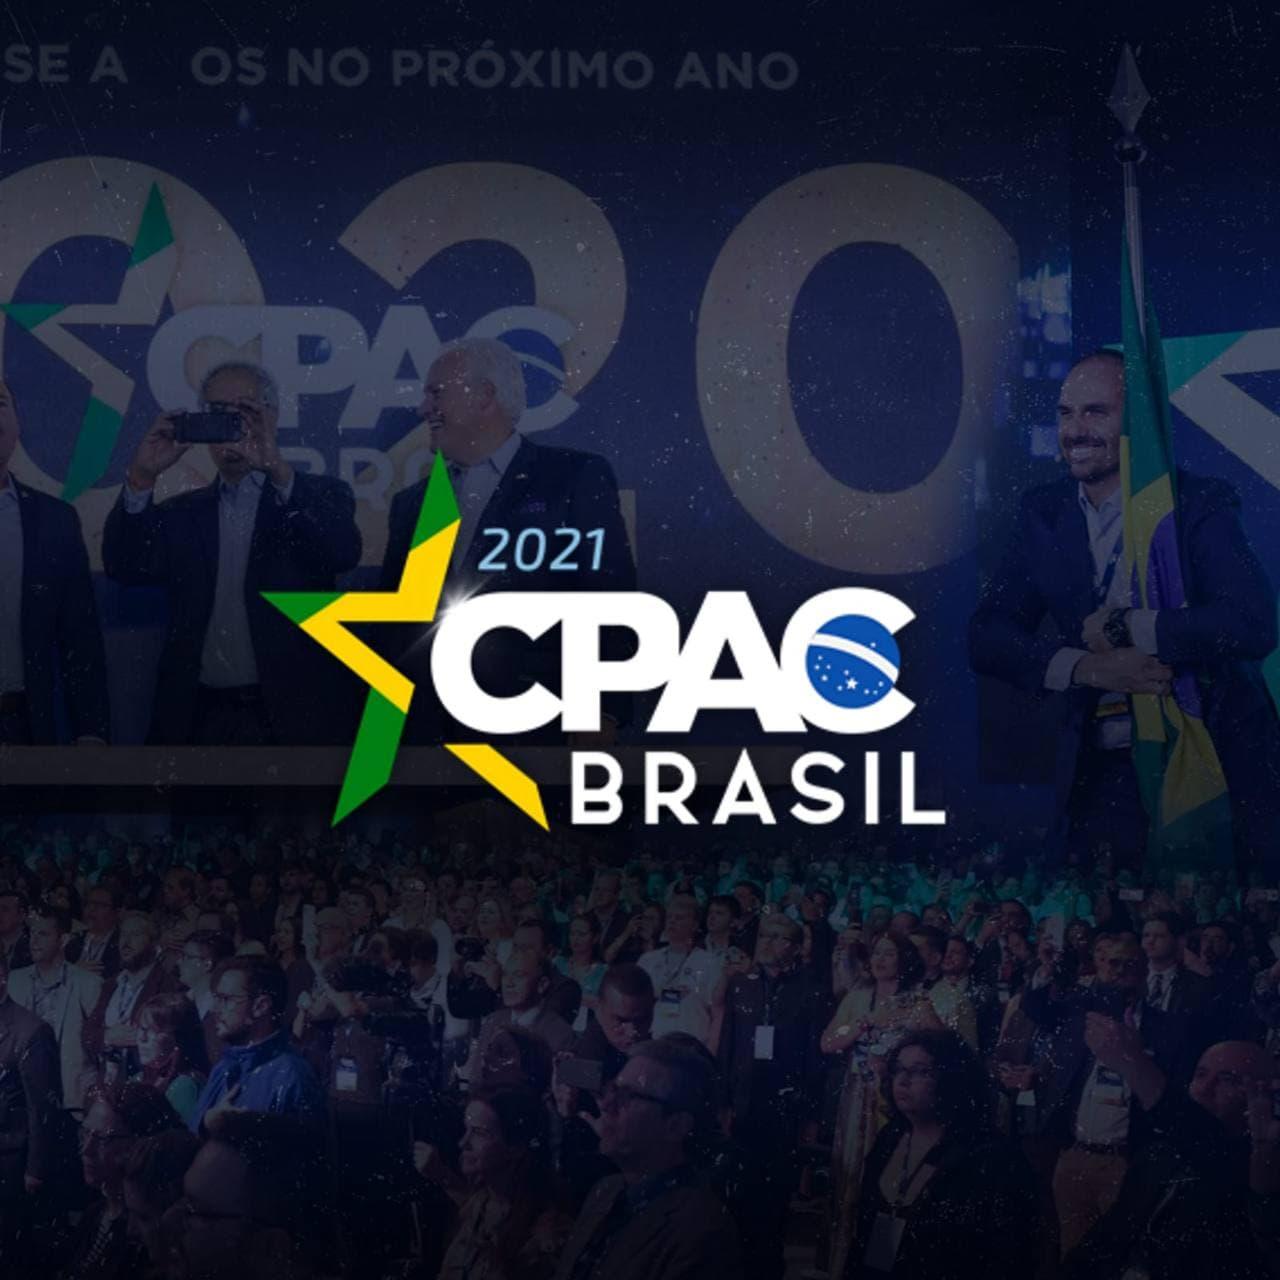 Imagem CPAC Brasil